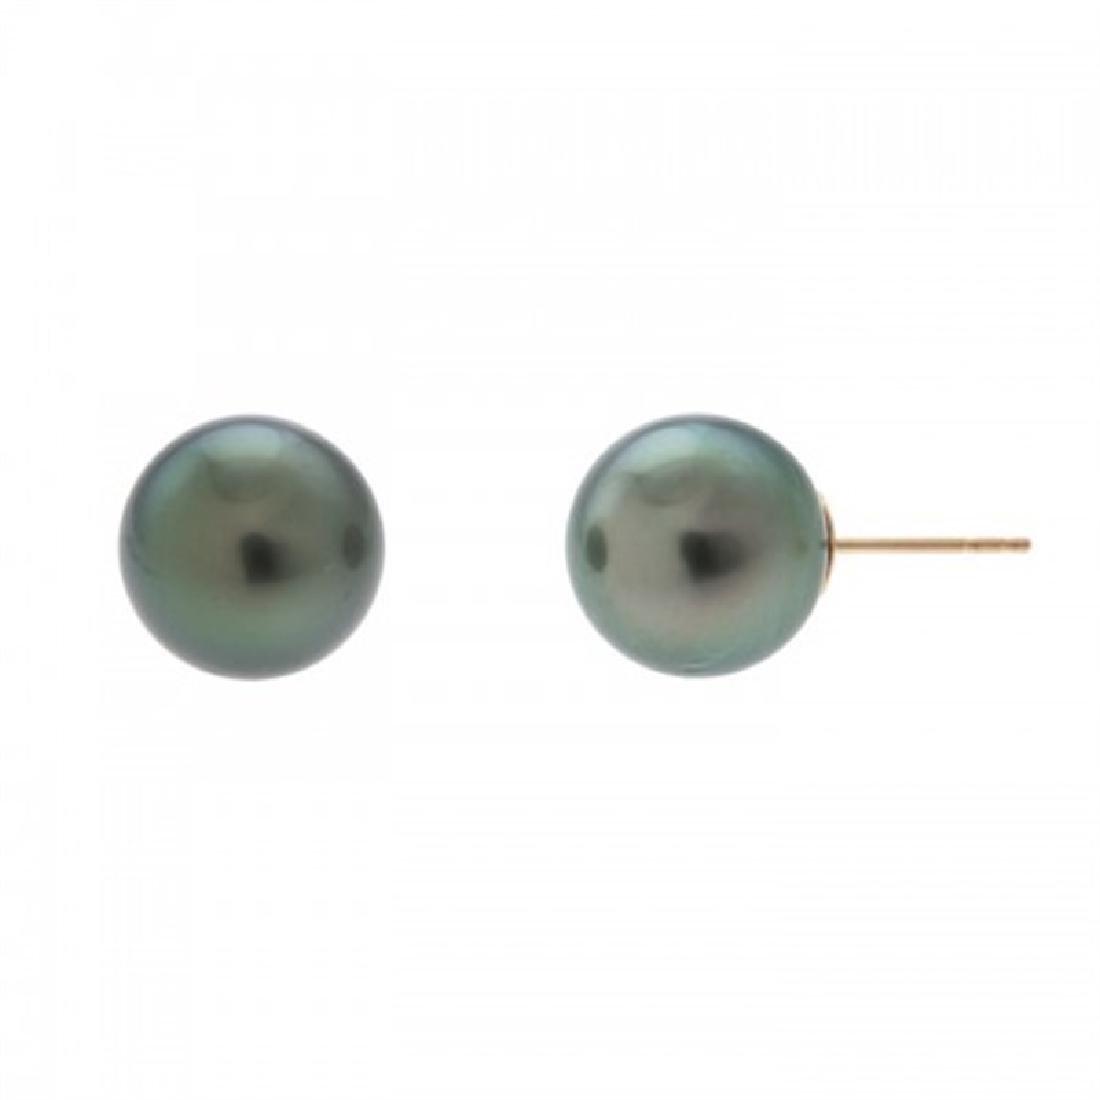 11.0-11.5mm Tahitian Black Pearl Stud Earrings